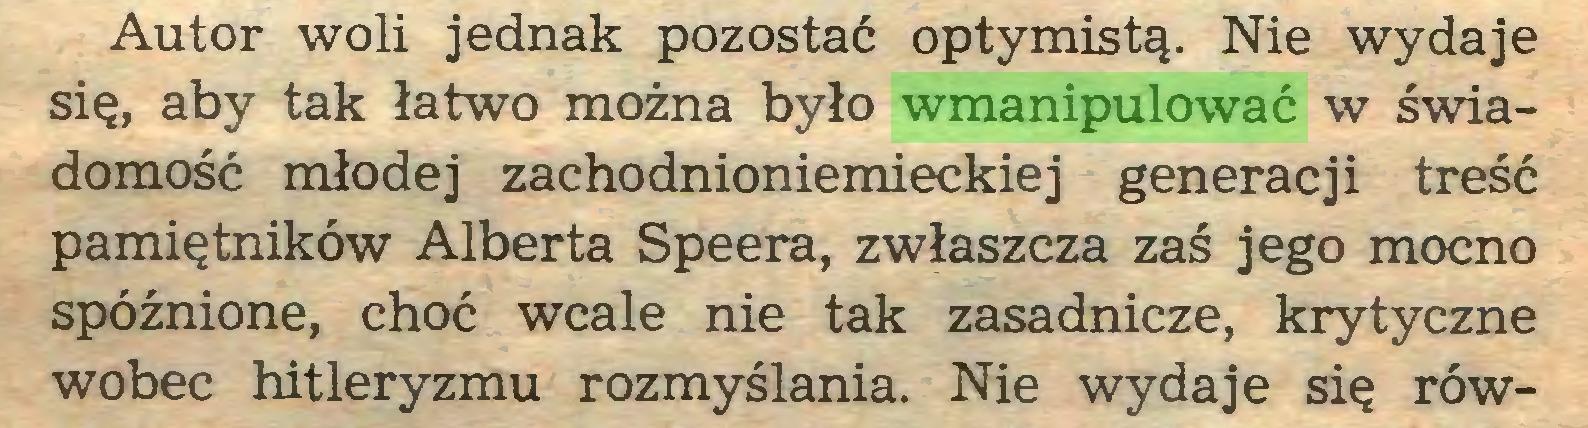 (...) Autor woli jednak pozostać optymistą. Nie wydaje się, aby tak łatwo można było wmanipulować w świadomość młodej zachodnioniemieckiej generacji treść pamiętników Alberta Speera, zwłaszcza zaś jego mocno spóźnione, choć wcale nie tak zasadnicze, krytyczne wobec hitleryzmu rozmyślania. Nie wydaje się rów...